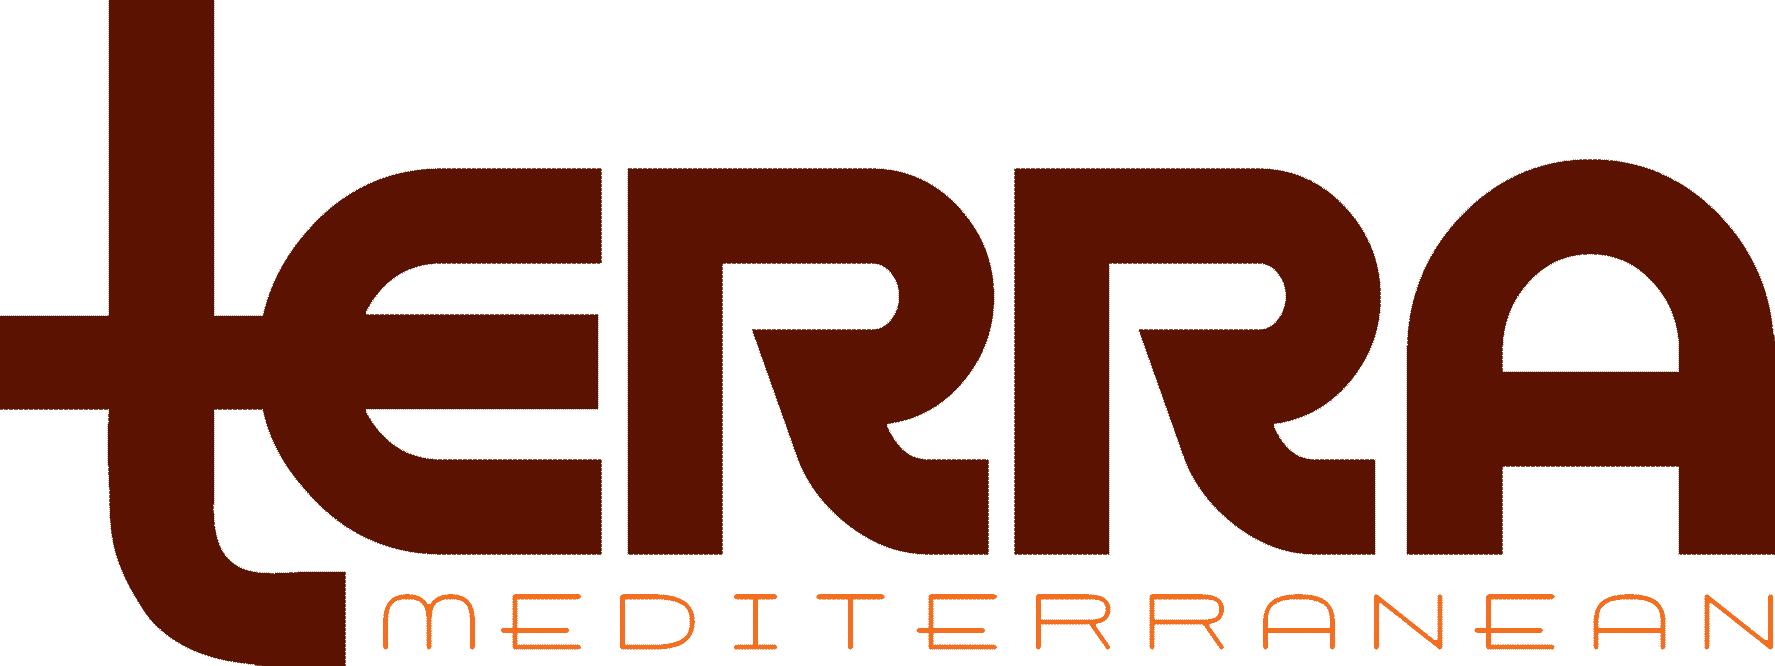 Terra Mediterranean